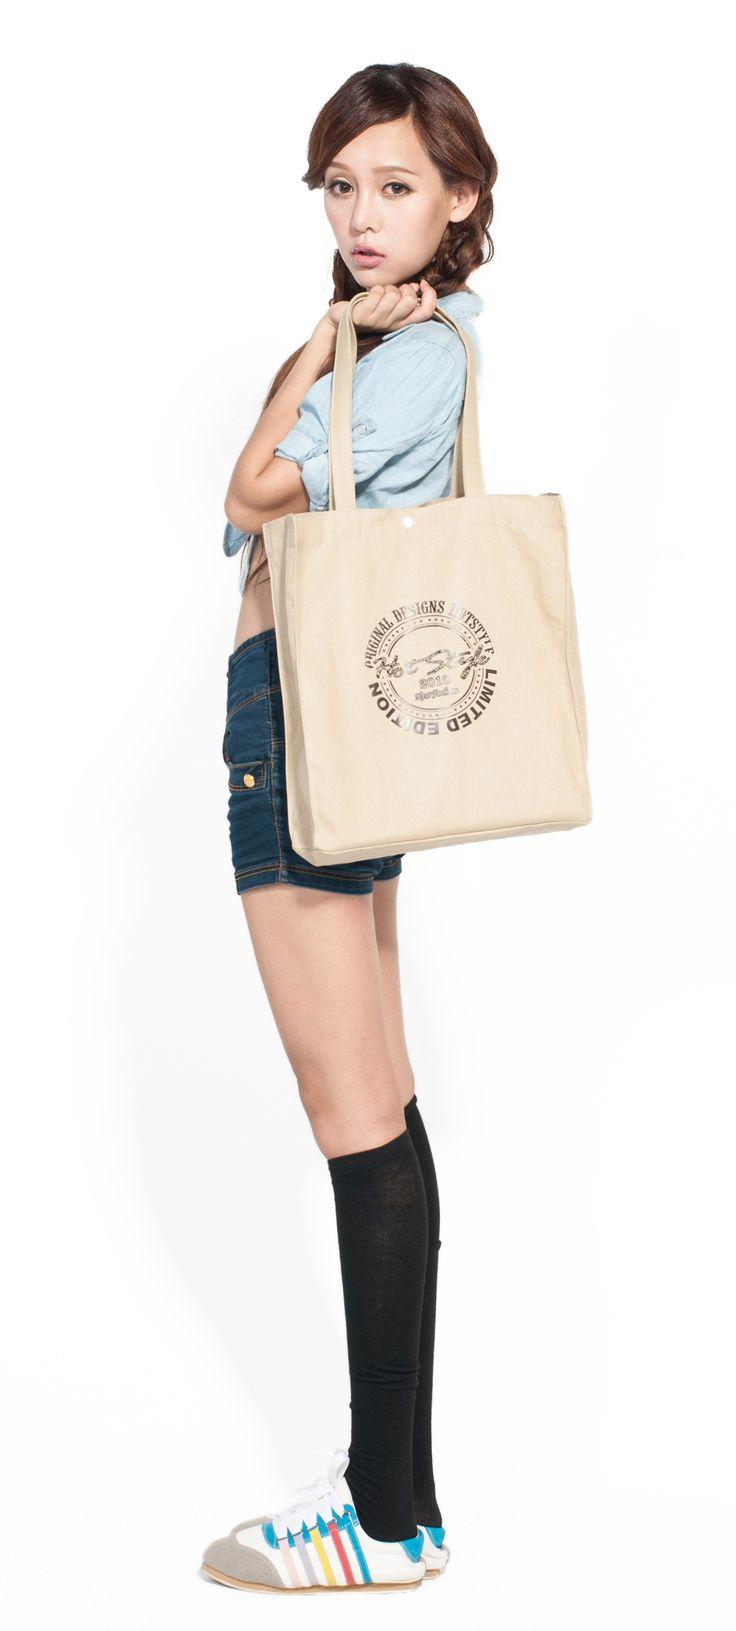 【新品 夏セール 712円OFF】Hotstyle  6色 エコバッグ ショルダーバッグ ショルダーバッグ レディース マザーズバッグ (888円)